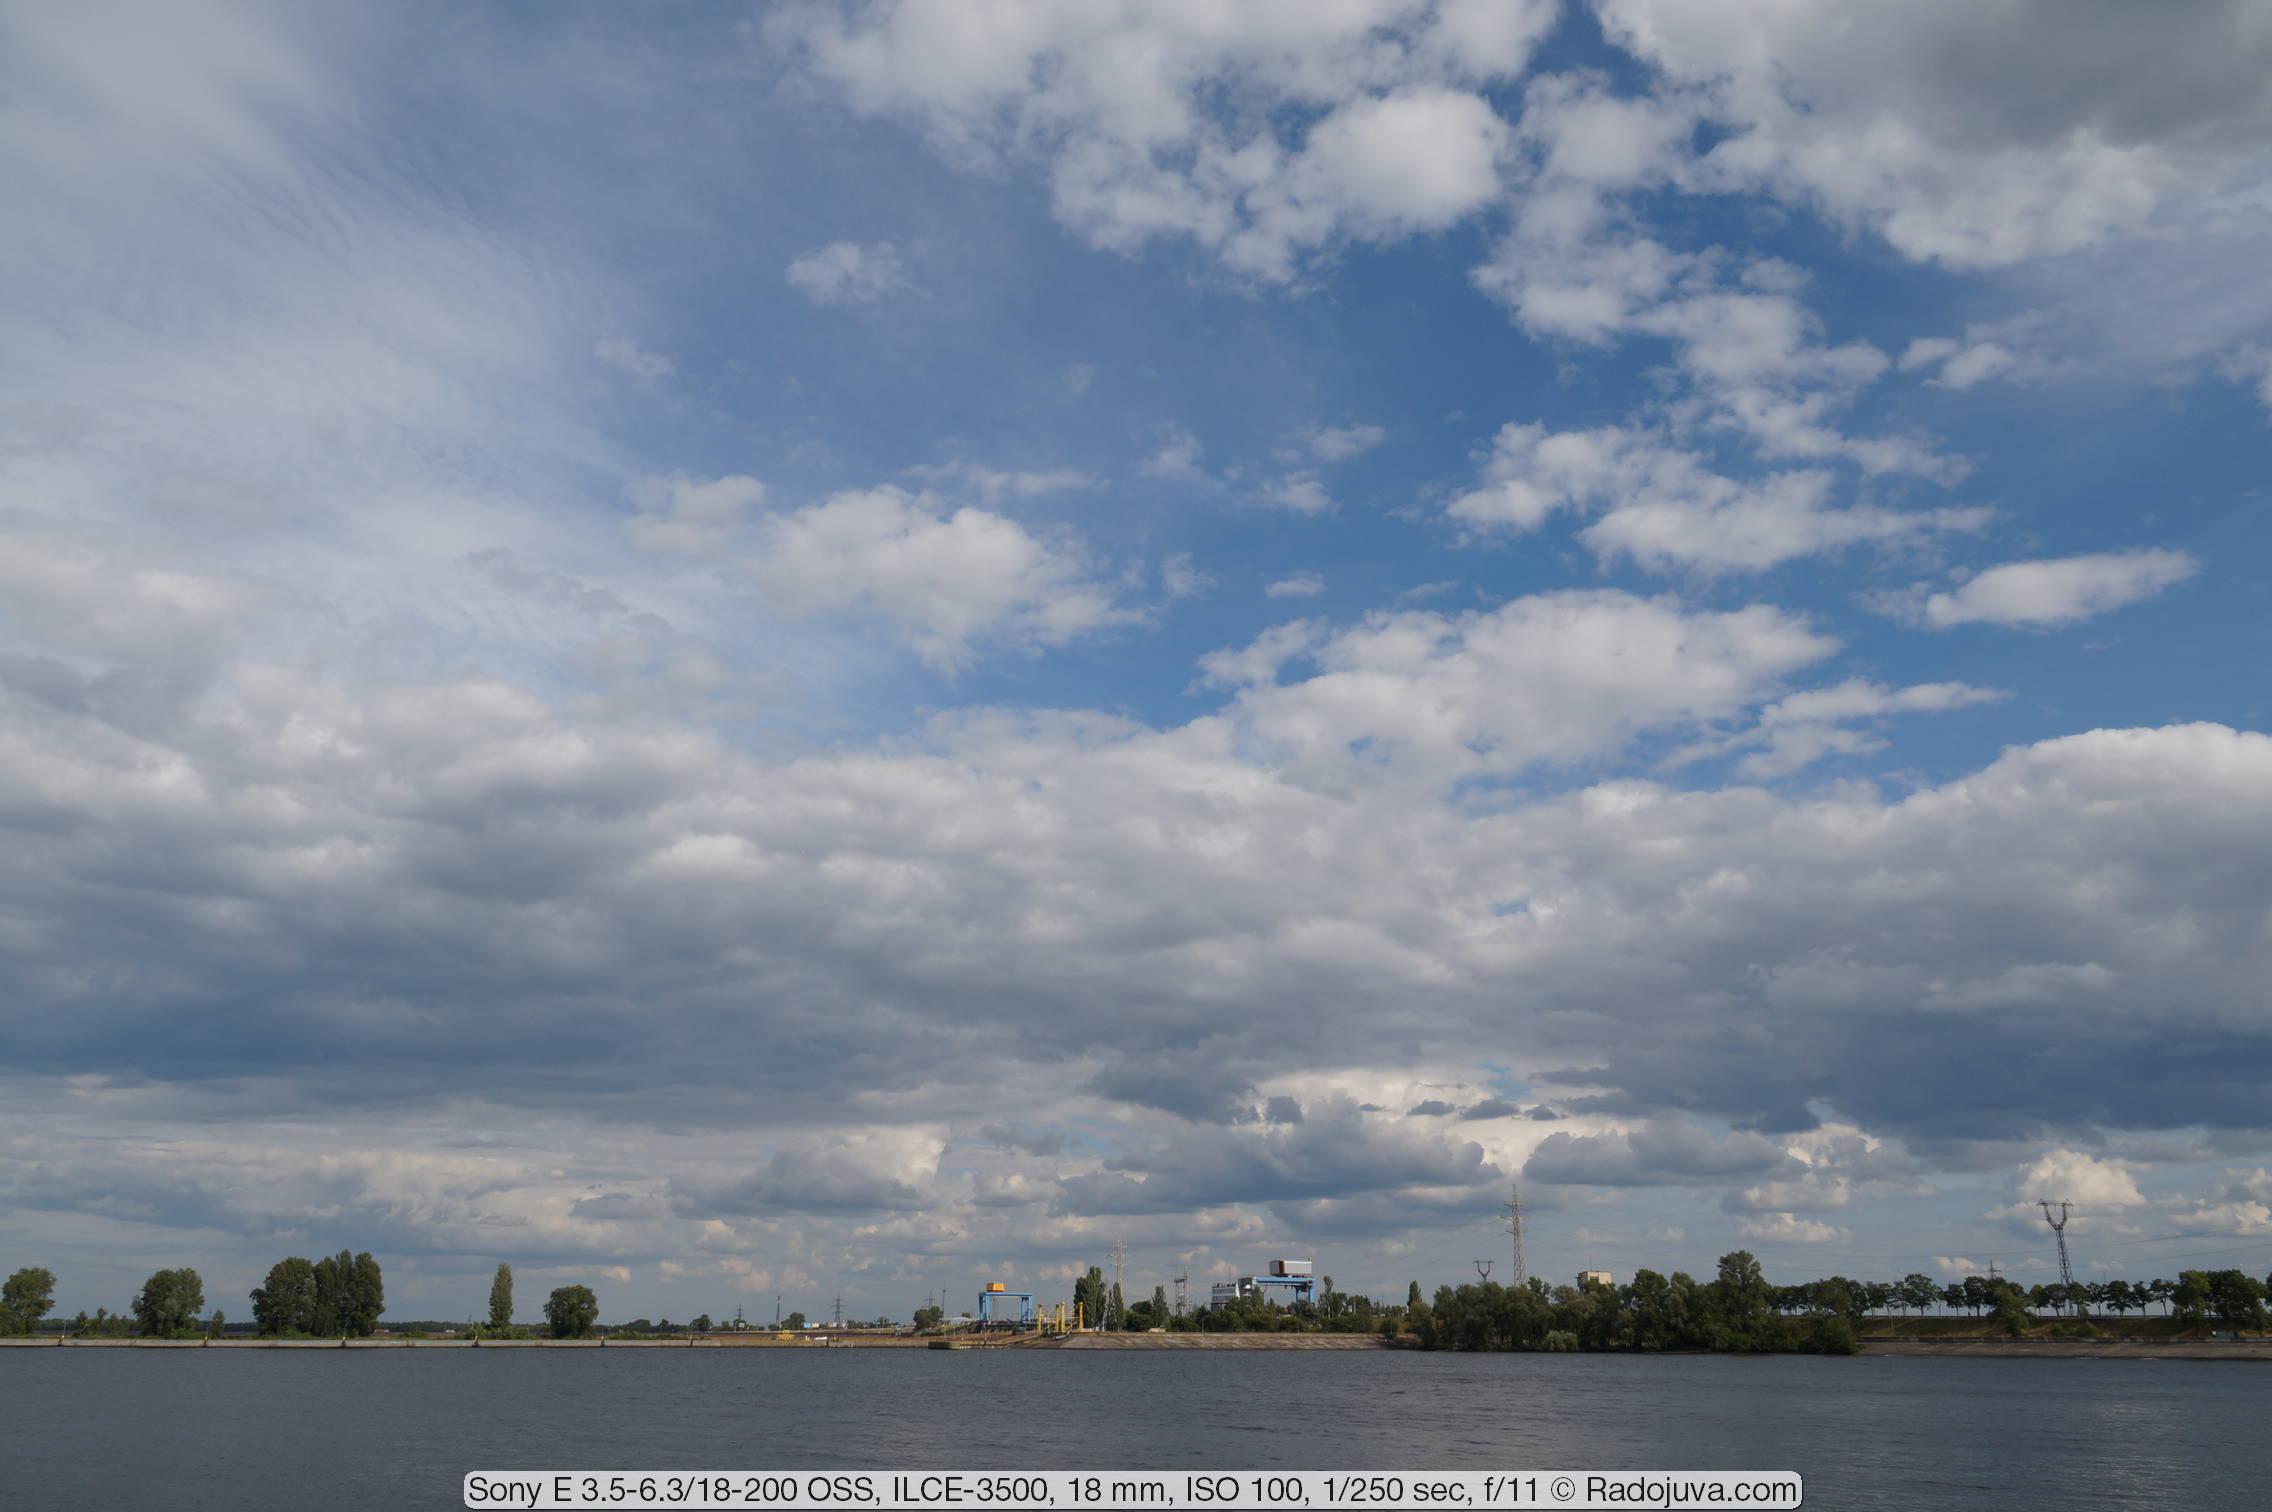 пример фотографии на Sony E 3.5-6.3 18-200 OSS